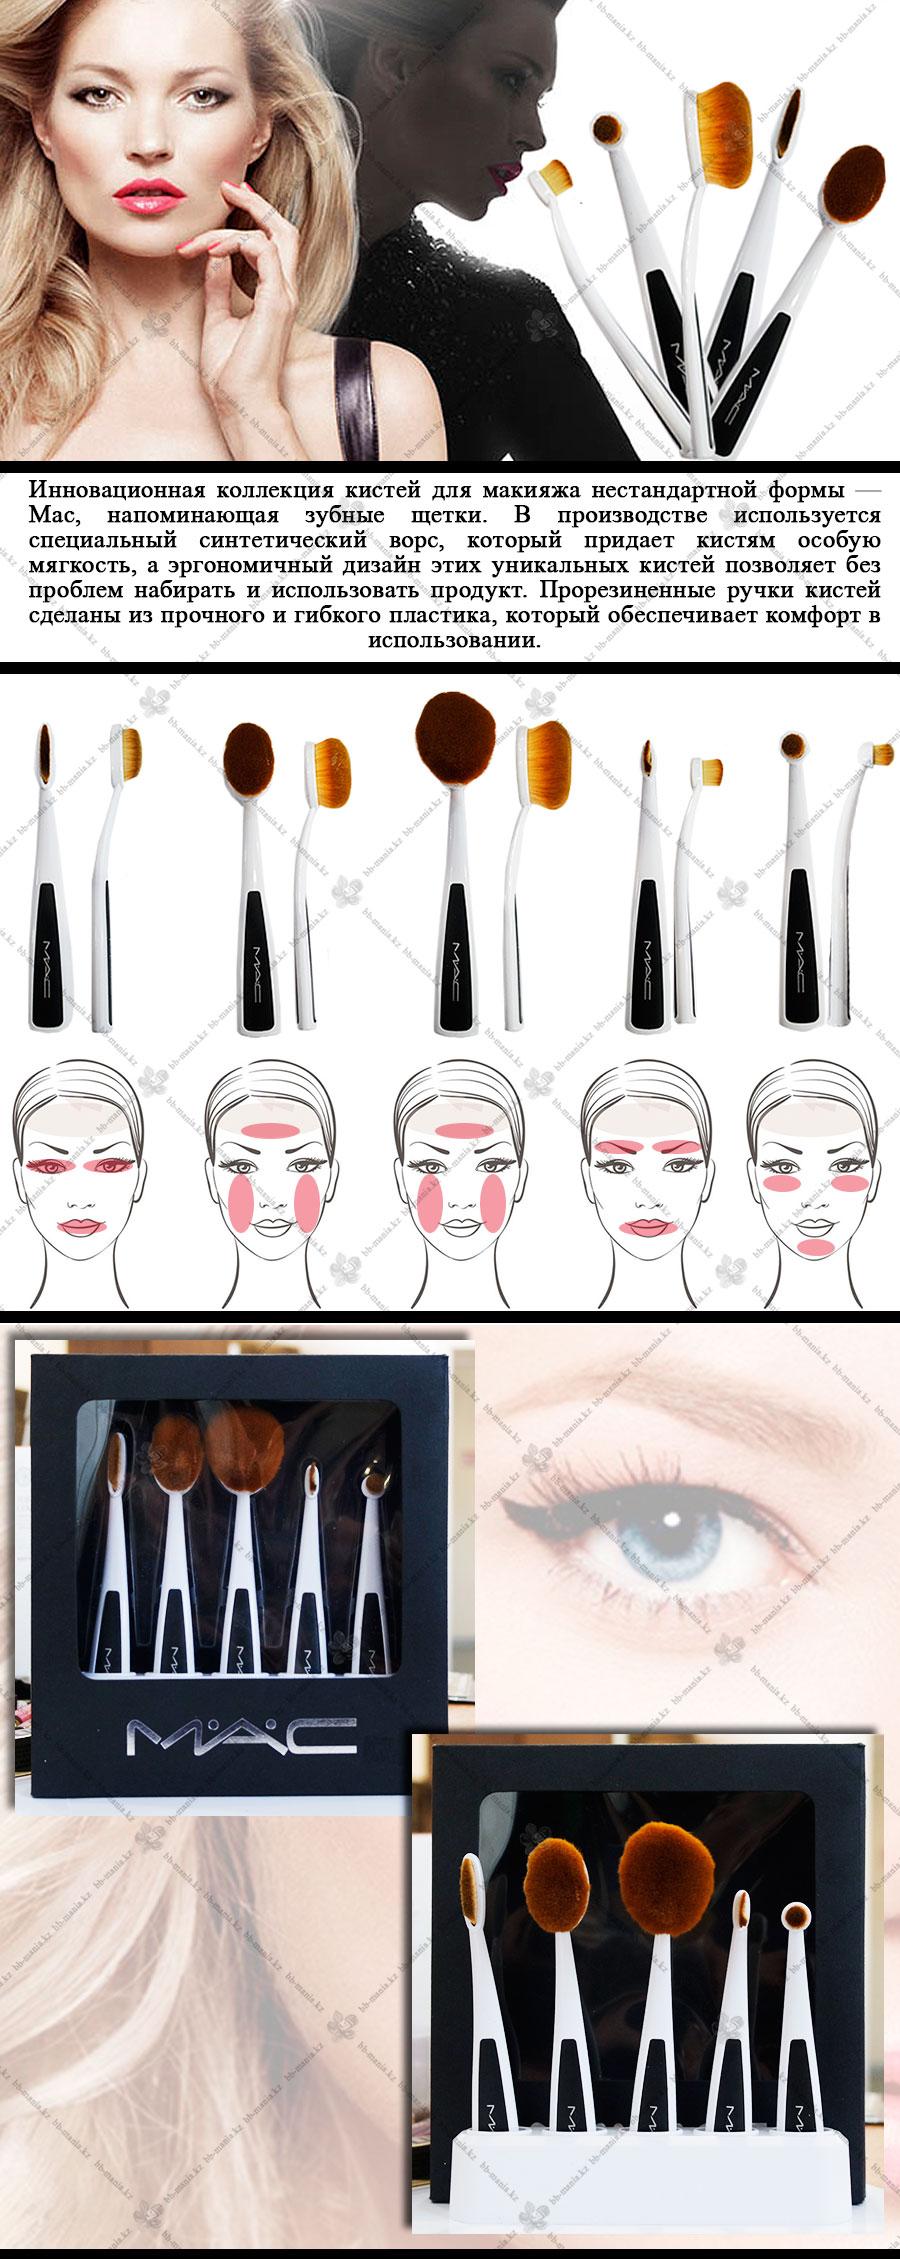 Кисти для основы макияжа